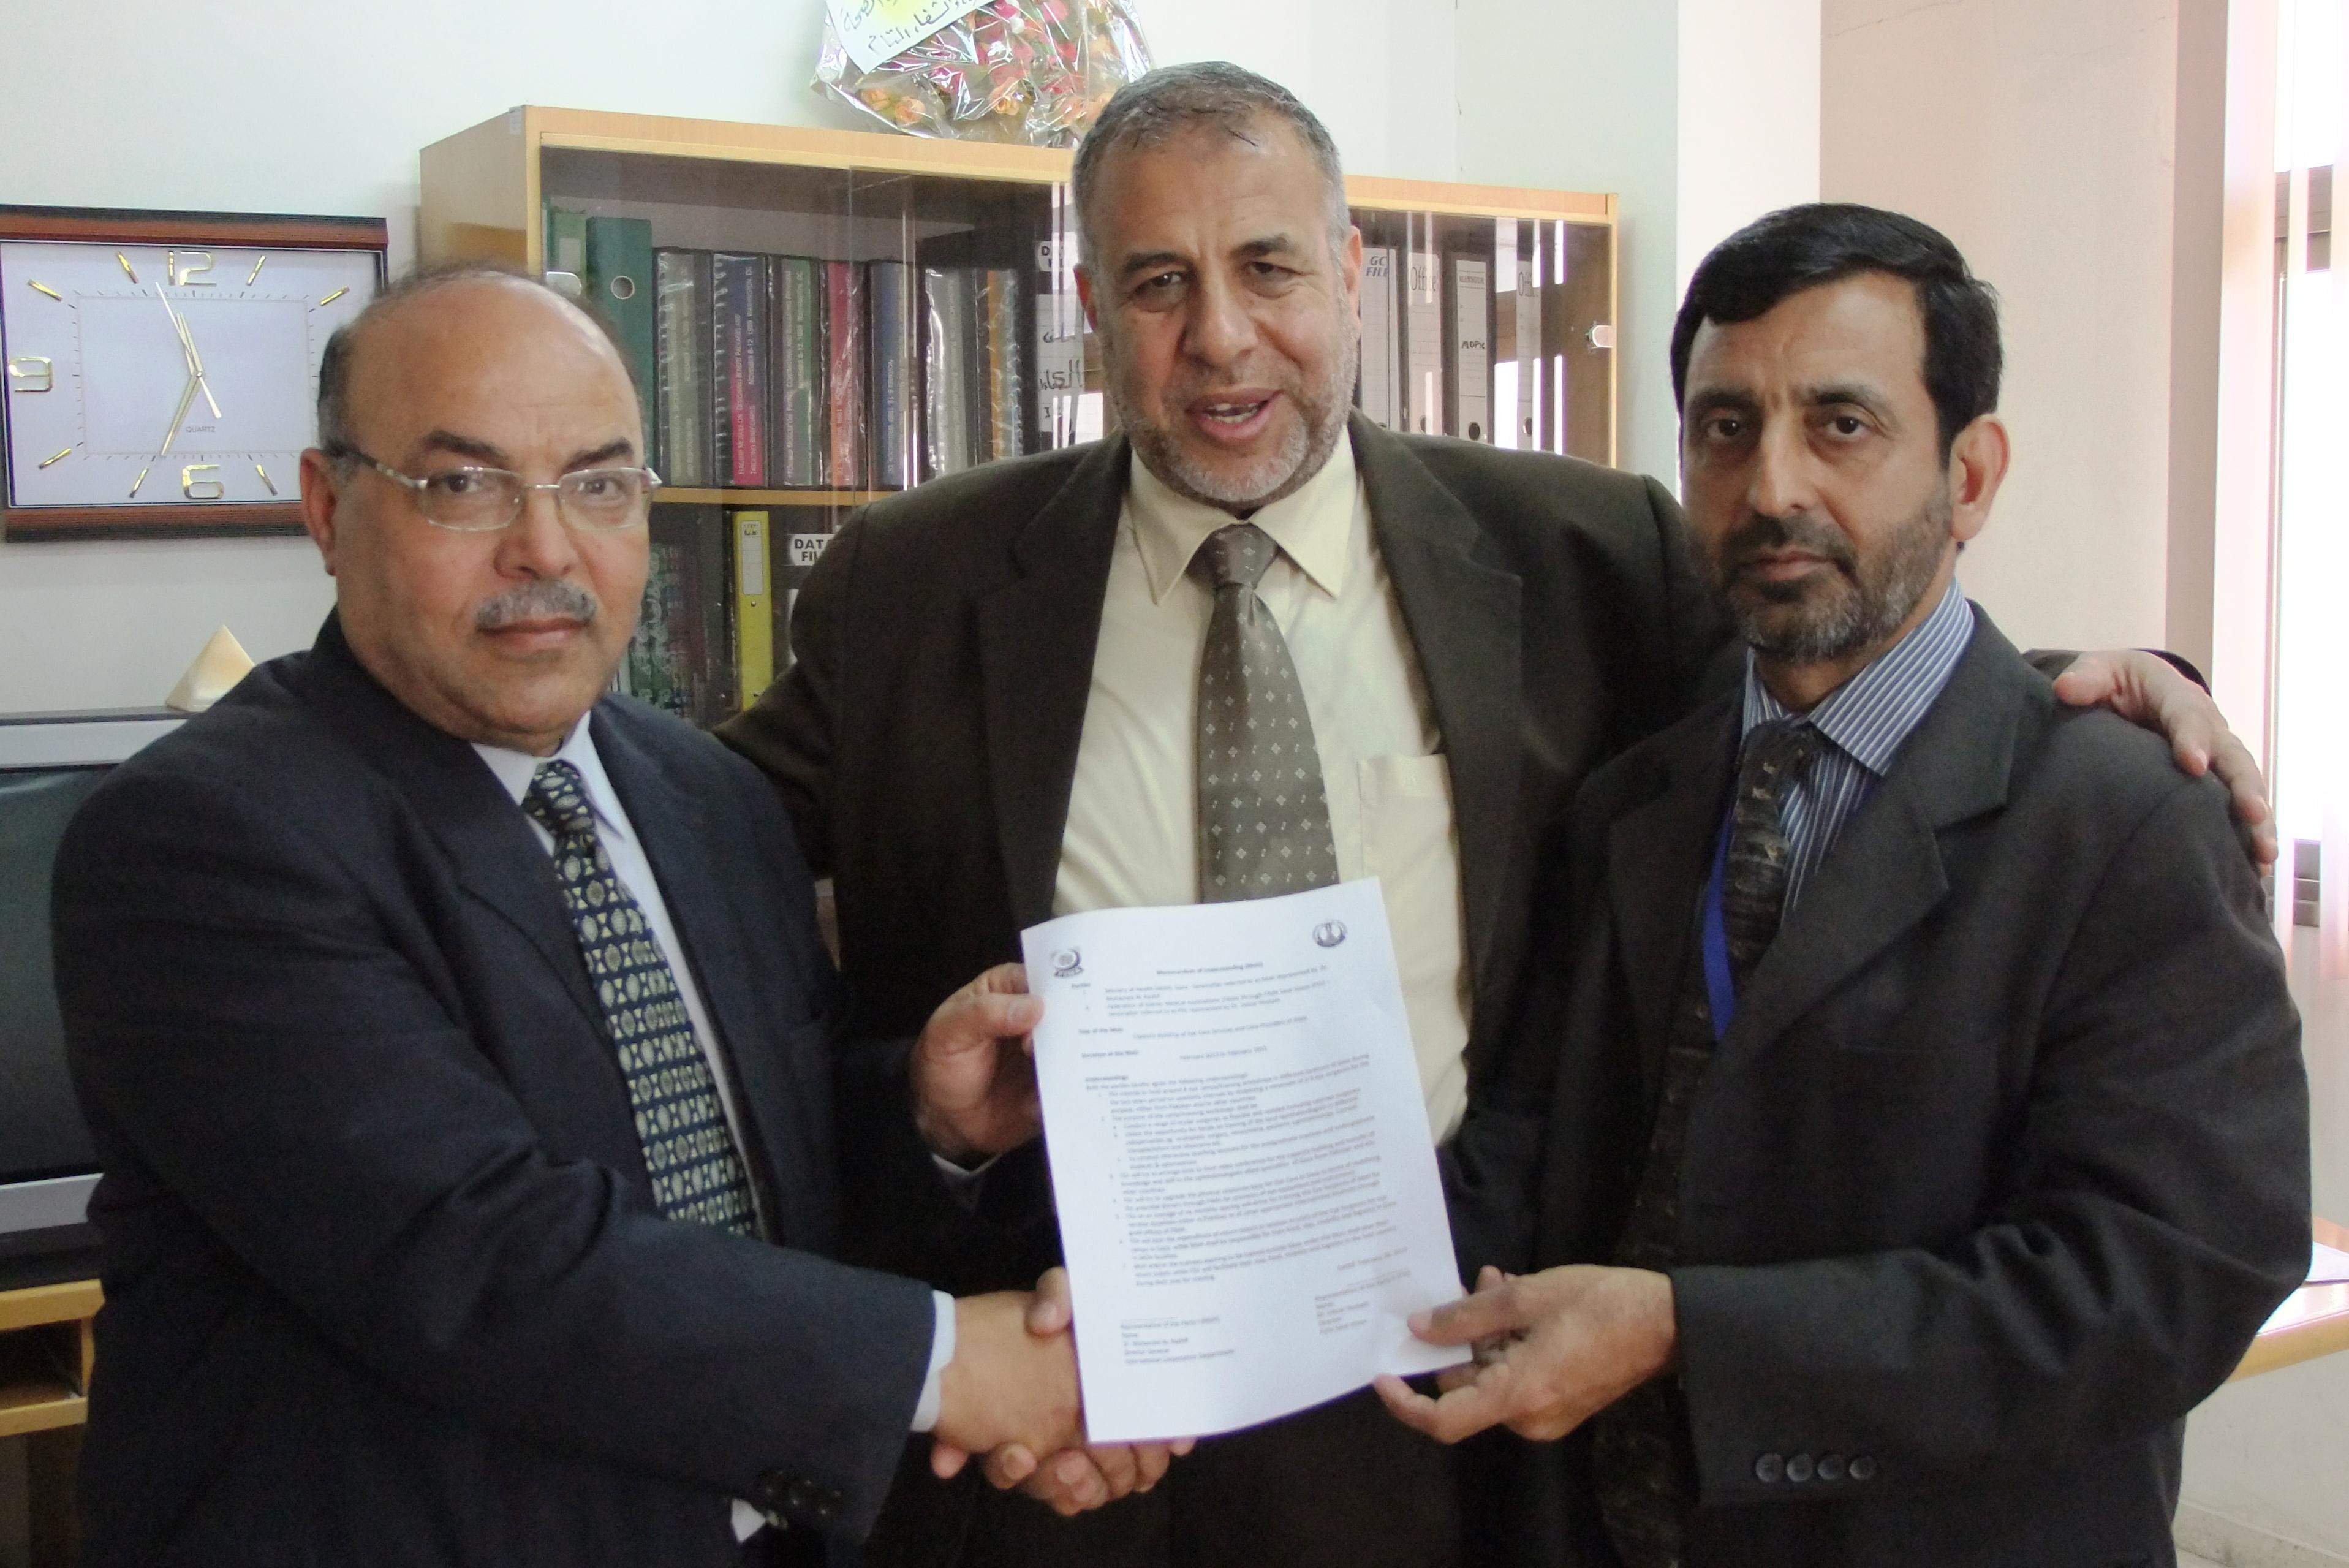 الصحة توقع مذكرة تفاهم مع وفد طبي باكستاني لعقد ورشات عمل ودورات تدريبية بمحافظات غزة